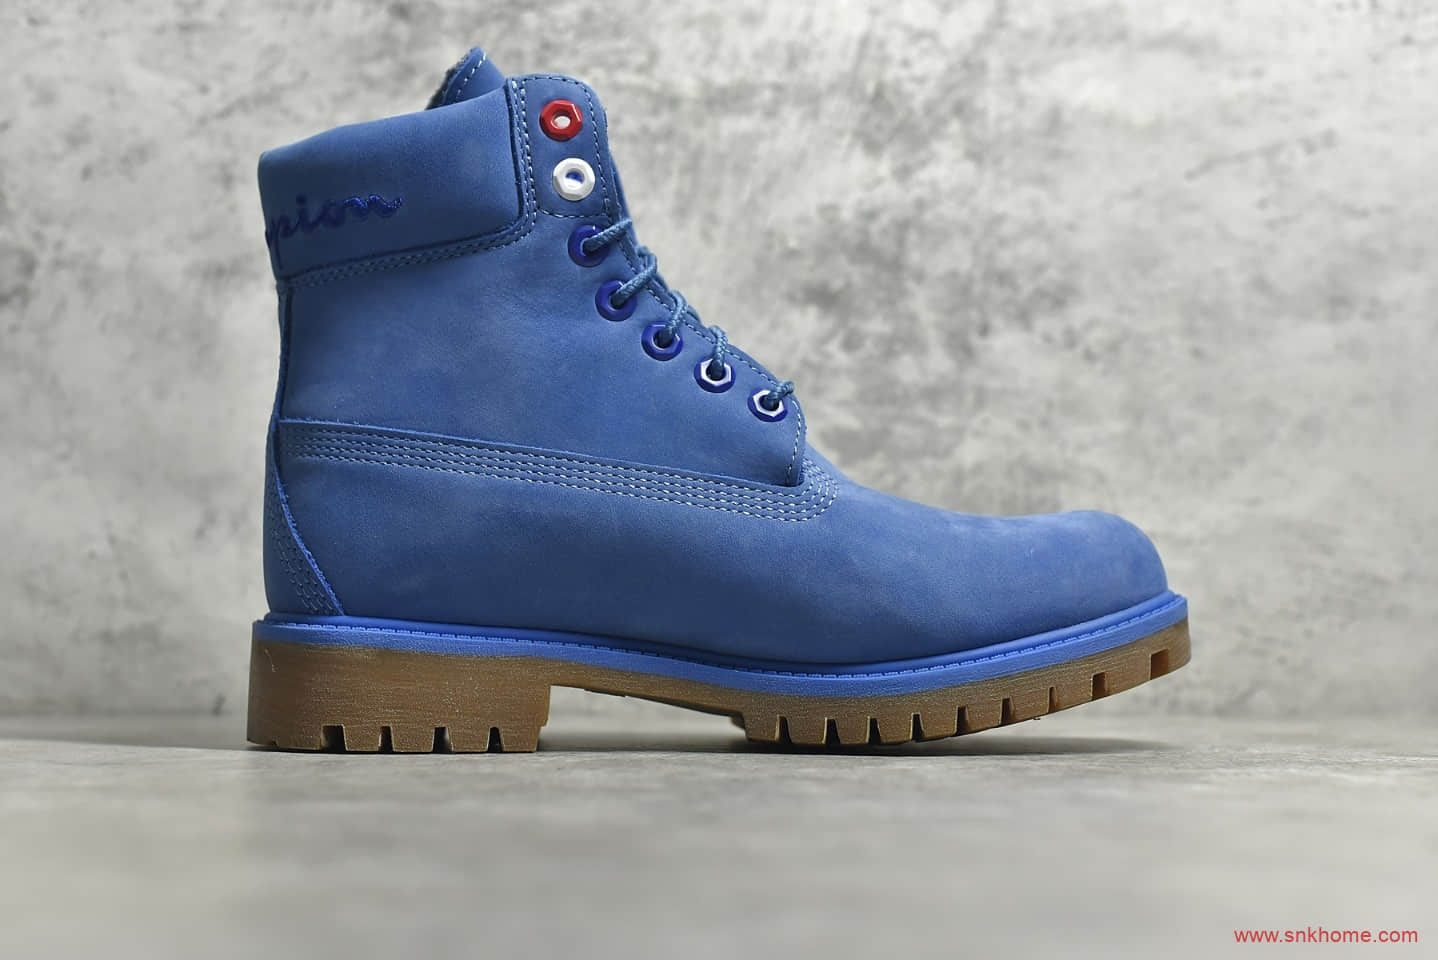 天伯伦蓝色卫冕冠军联名款Timberland x Champion 蓝色天伯伦 天伯伦高帮马丁靴-潮流者之家